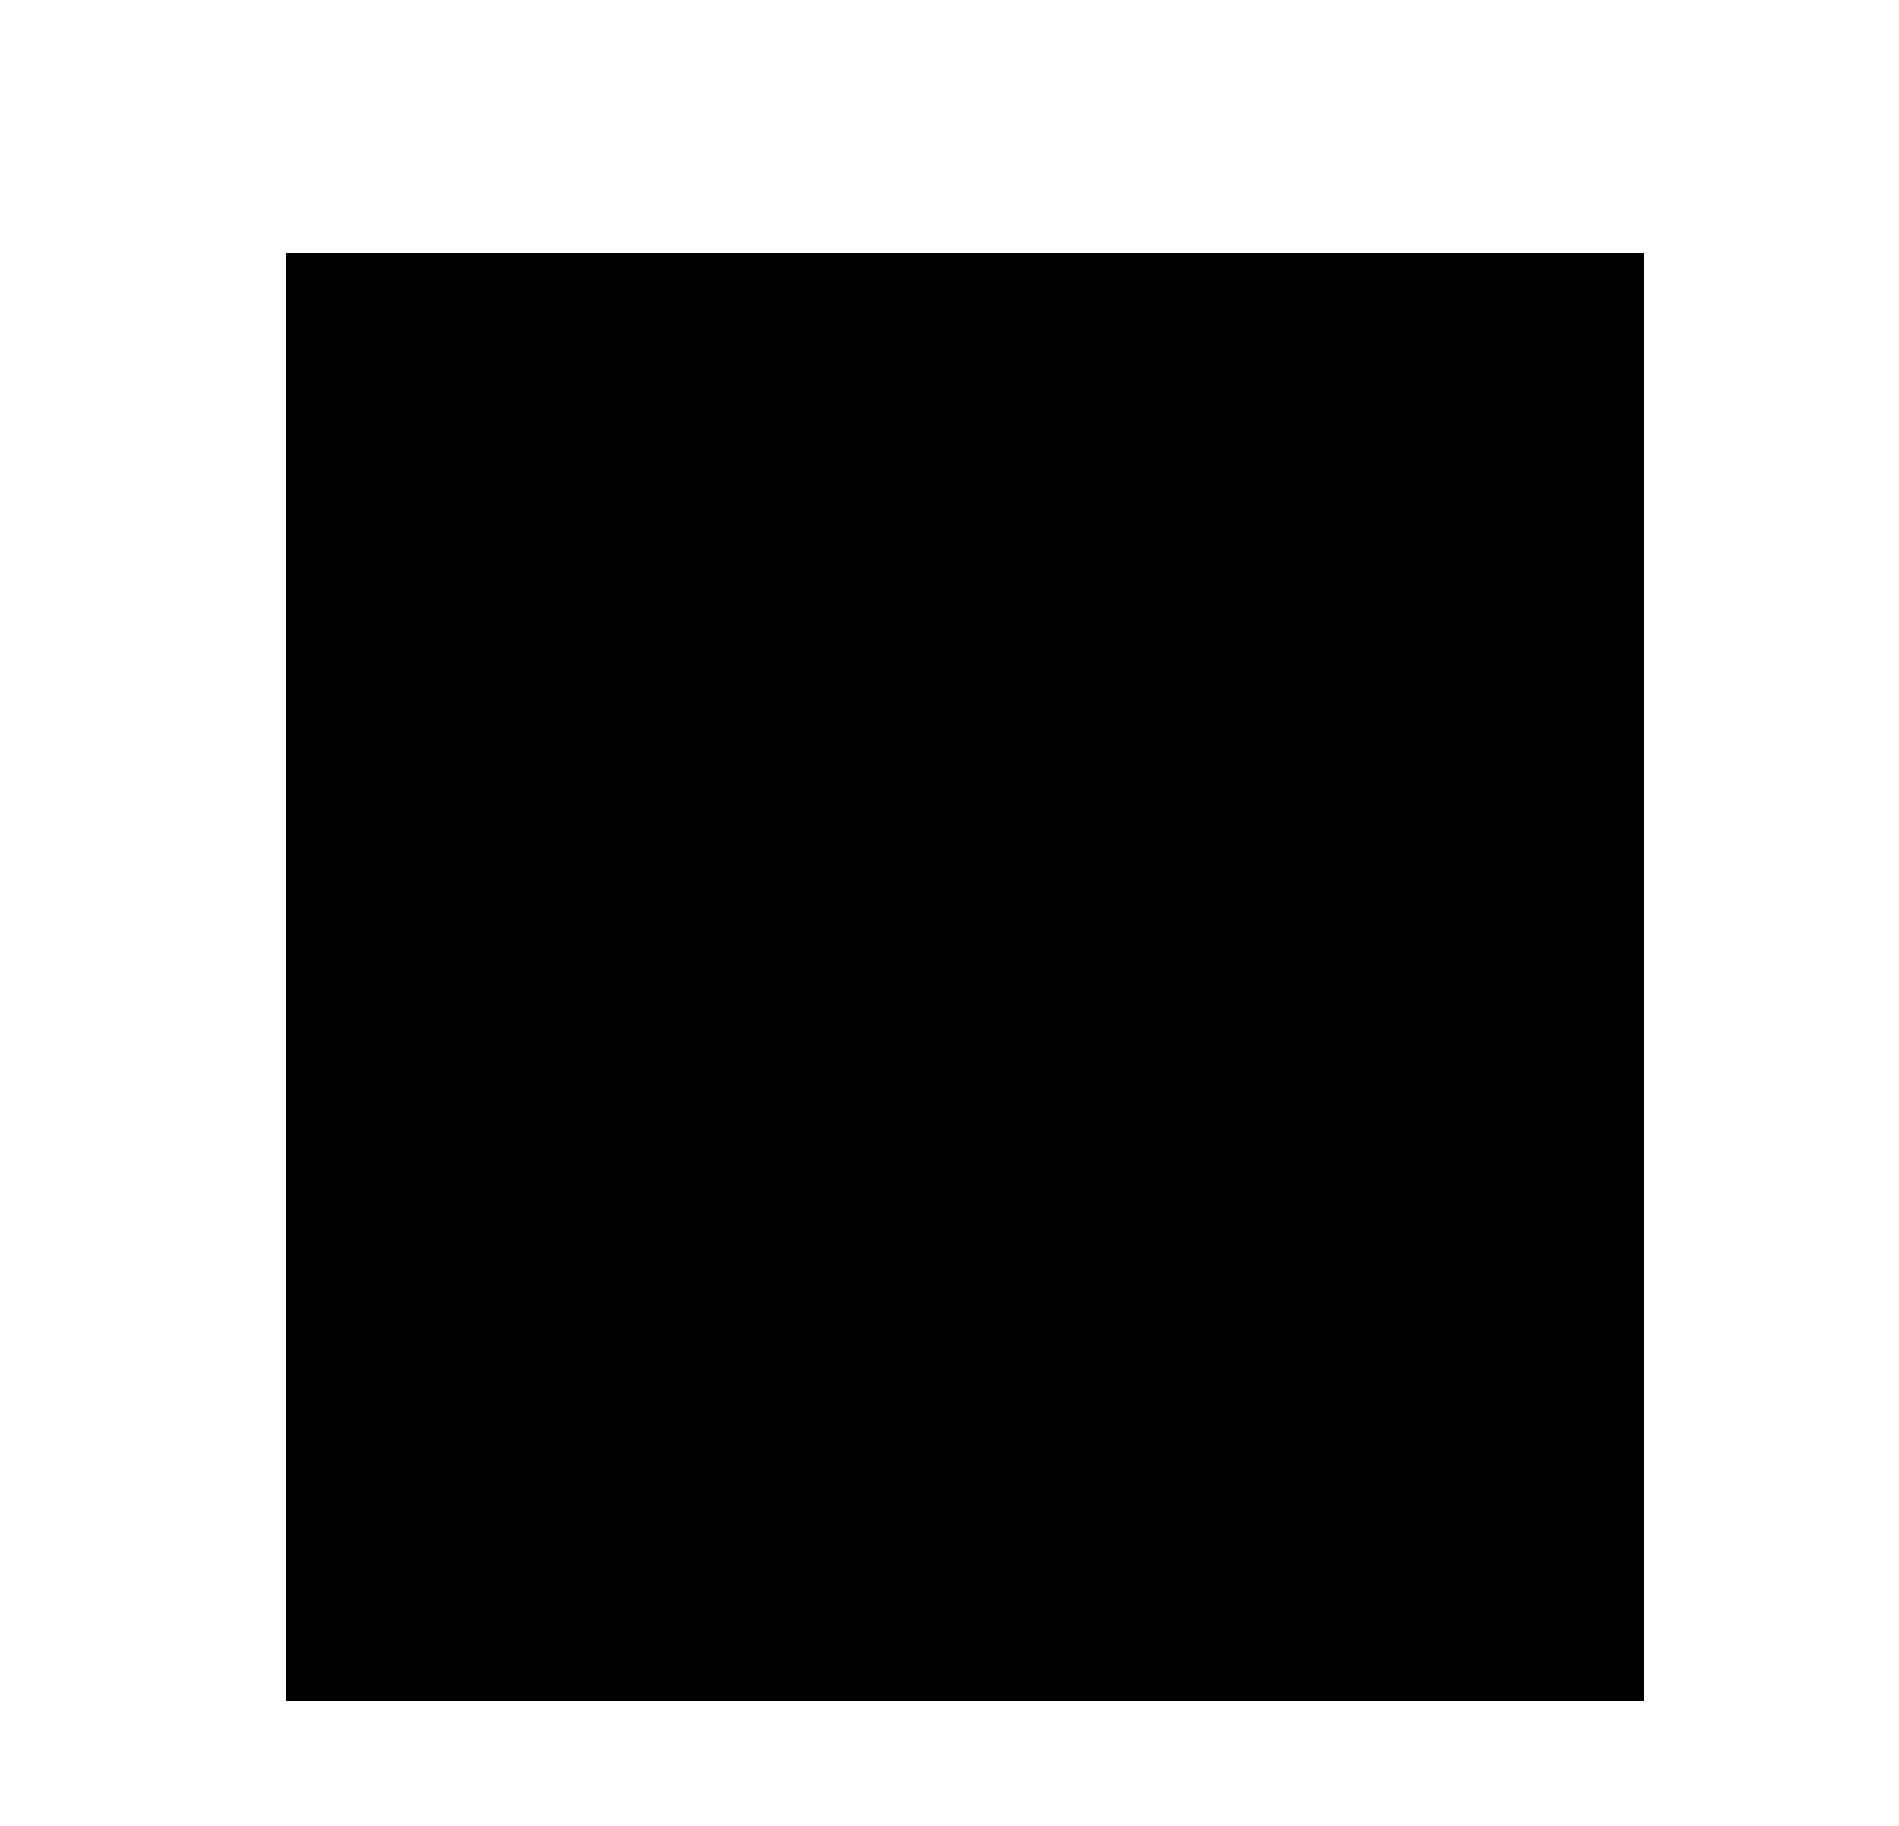 trashdog.jpg